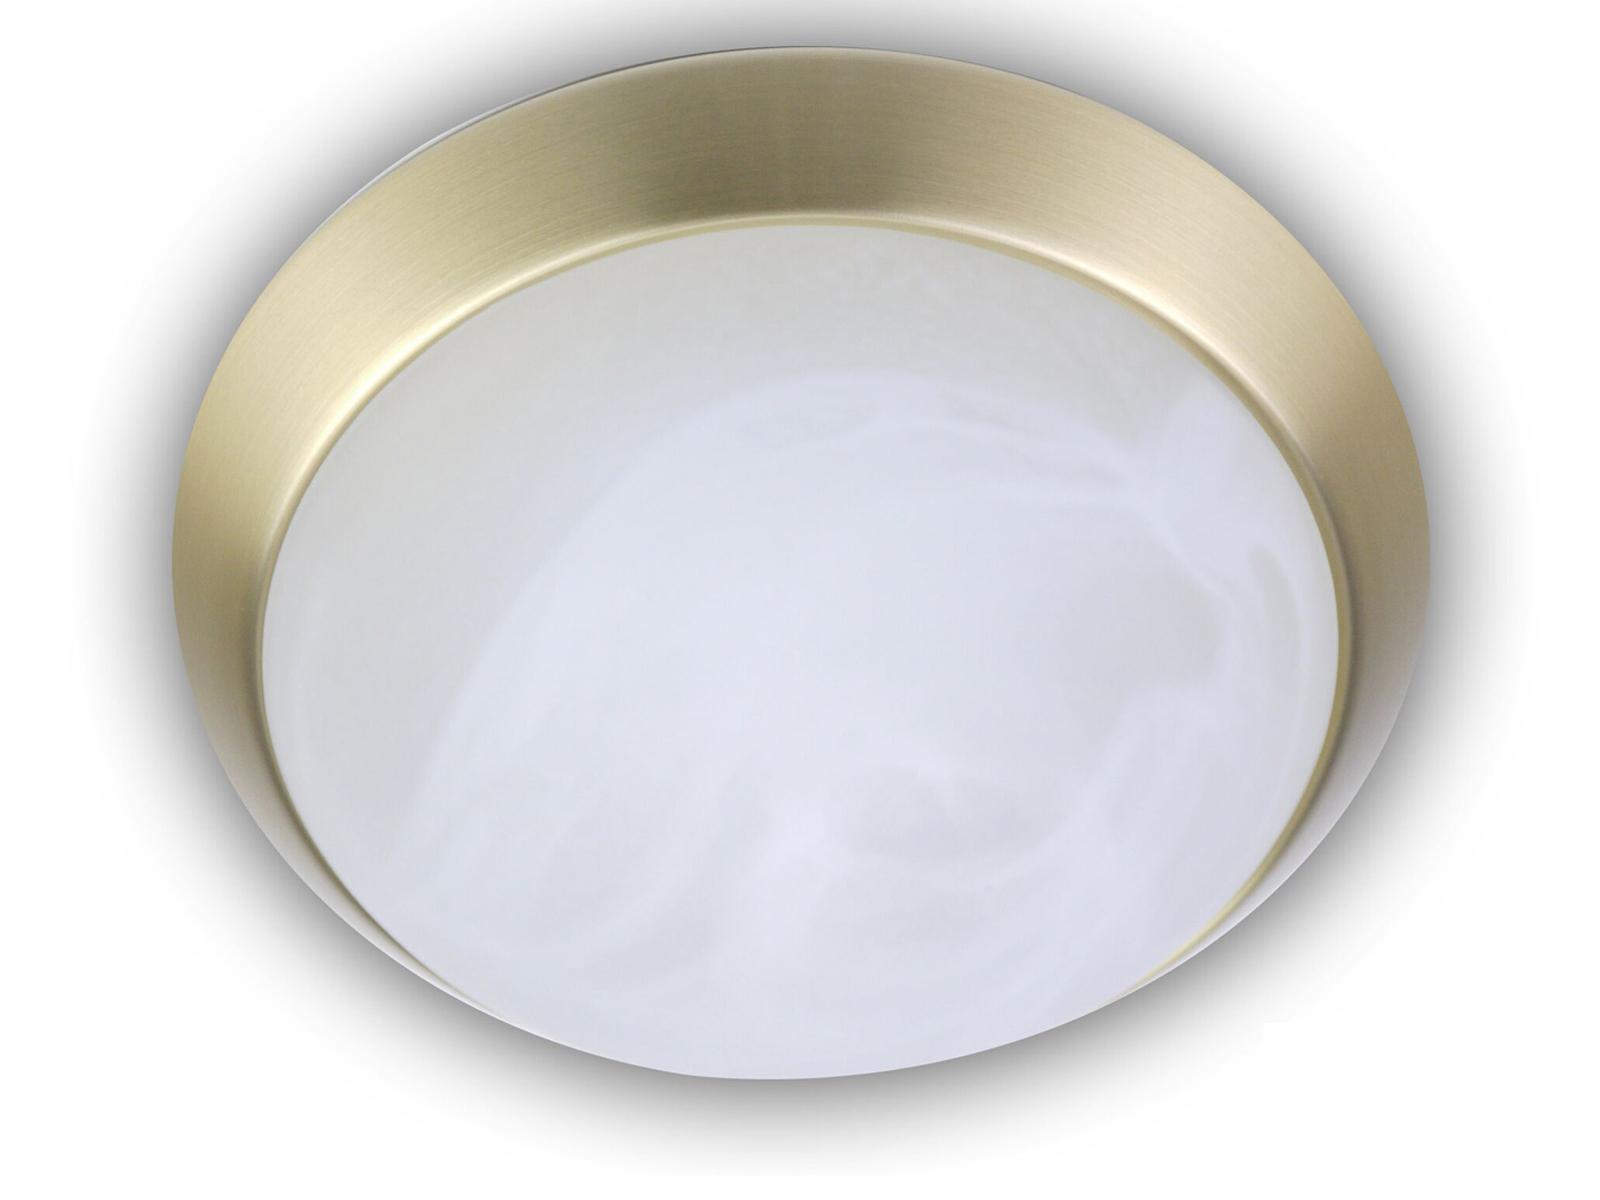 Design LED Deckenleuchte rund Landhausleuchte Ø30cm Alabaster Glas Nickel matt